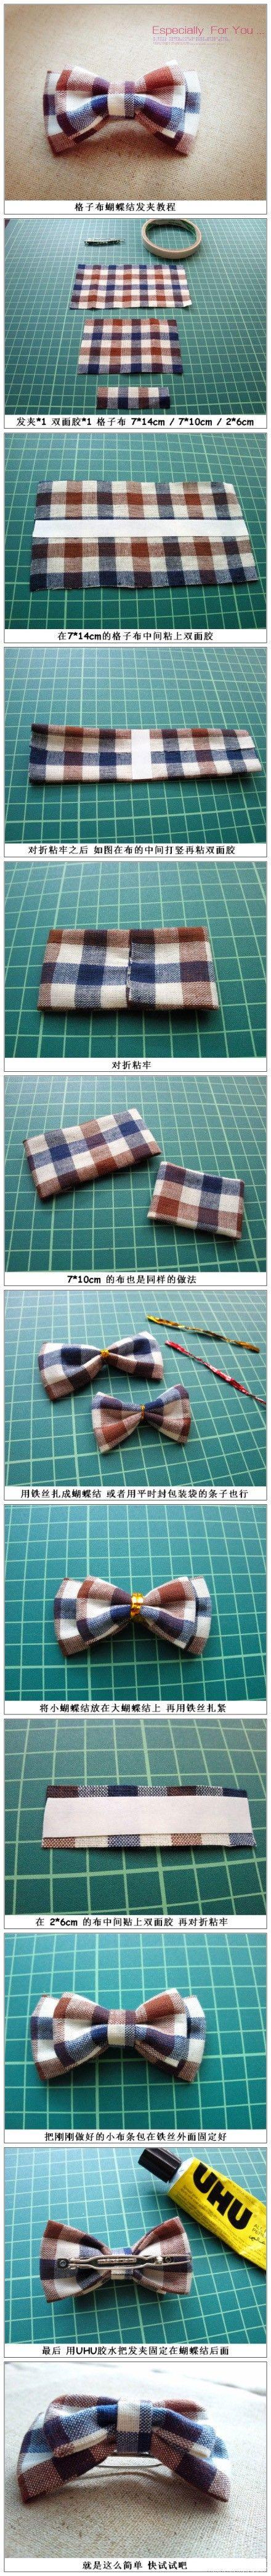 可以是可爱内敛的蝴蝶结,也可以是老实稳重的领结:)